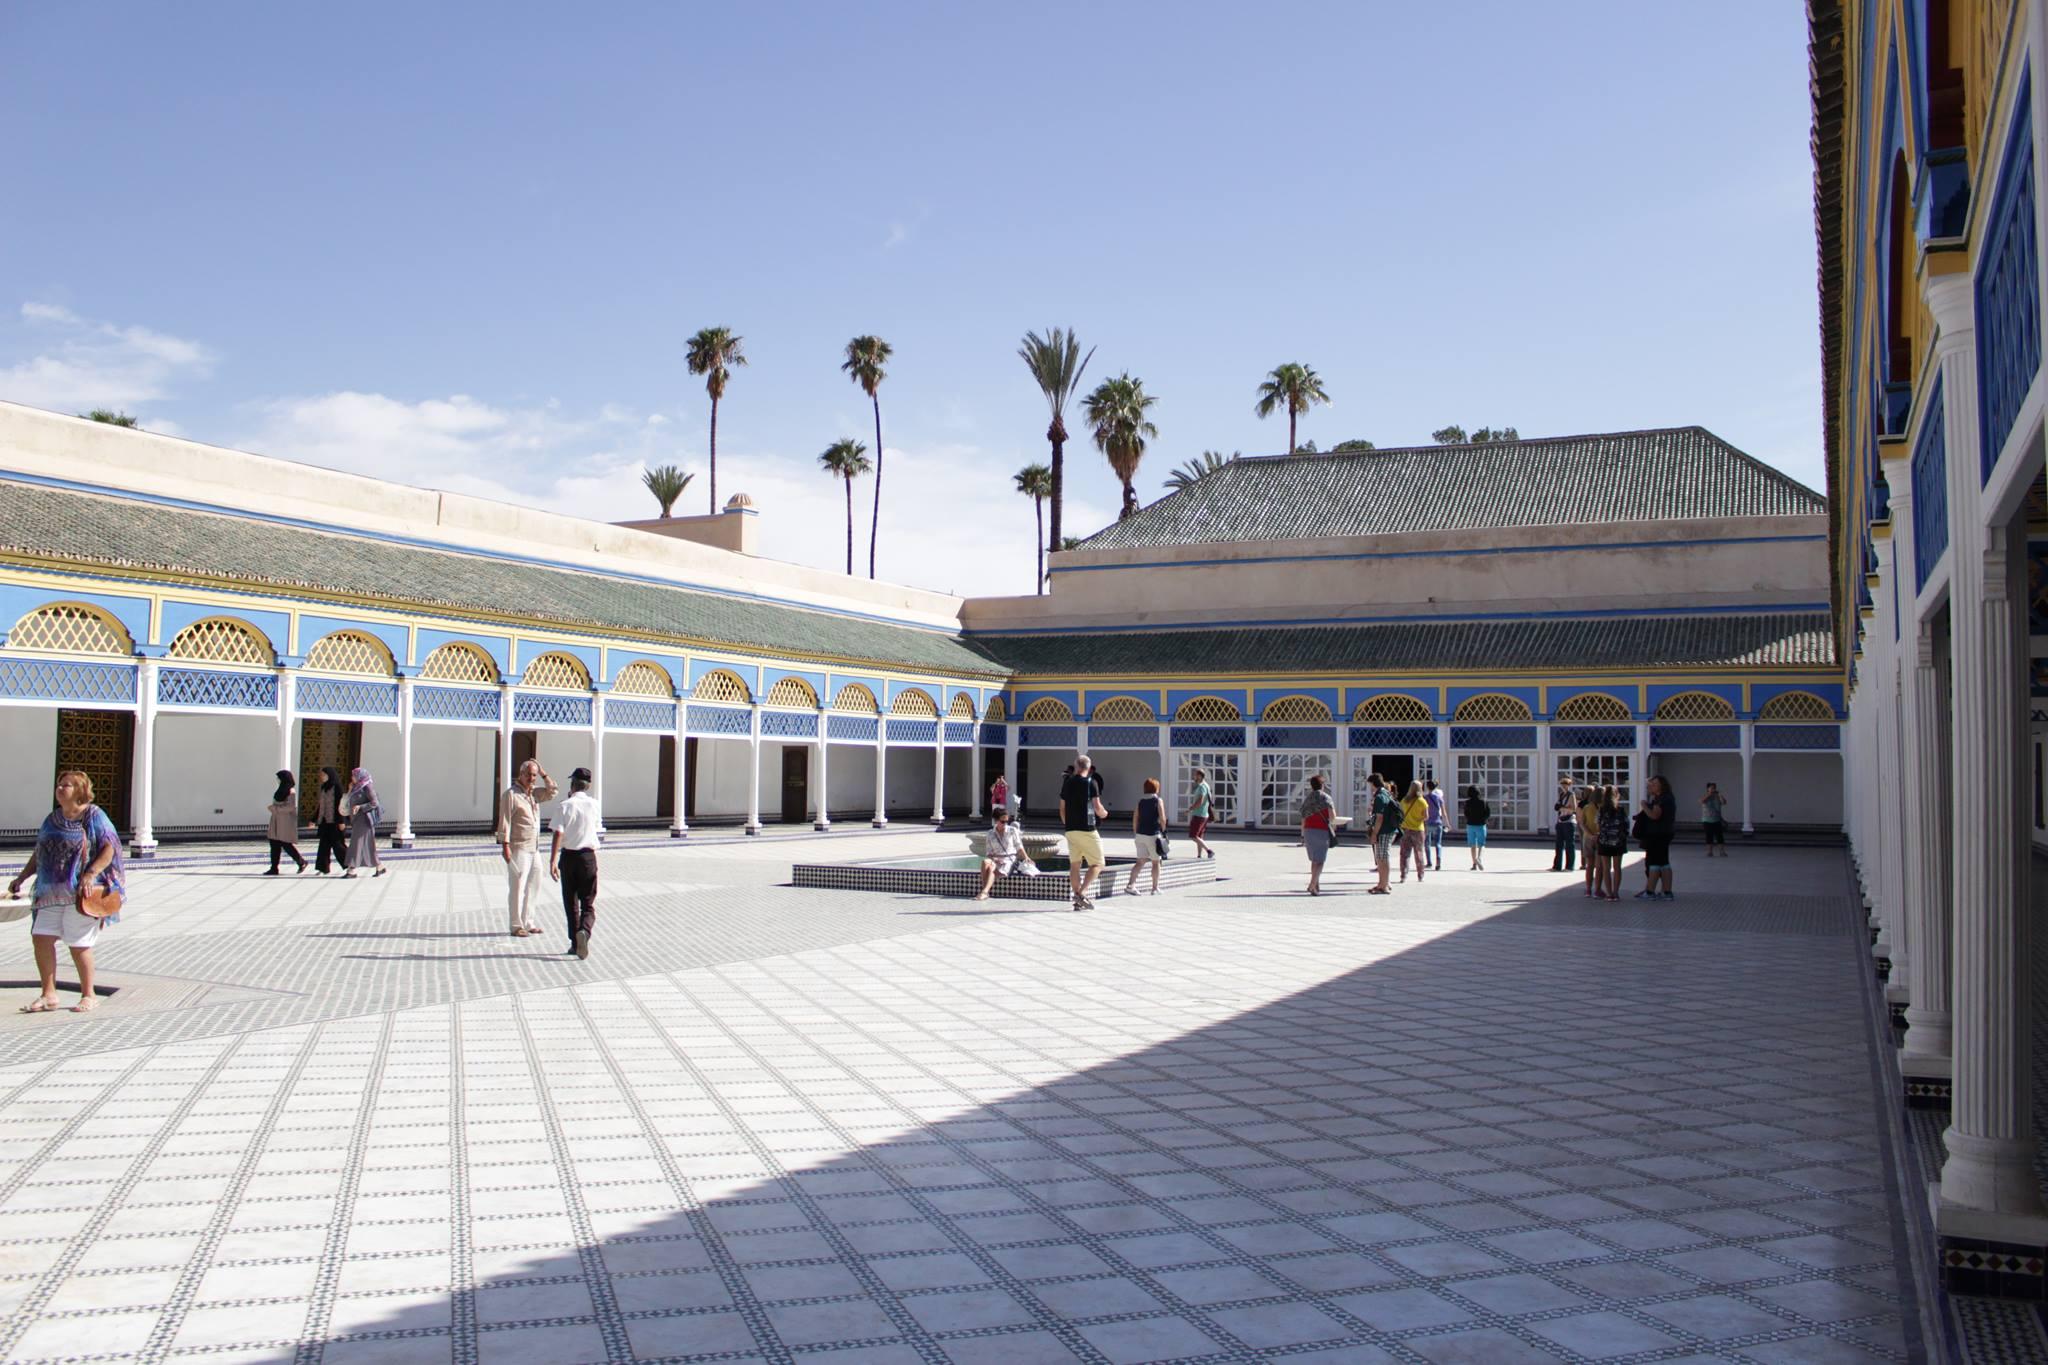 cosa vedere a Marrakech - bahia